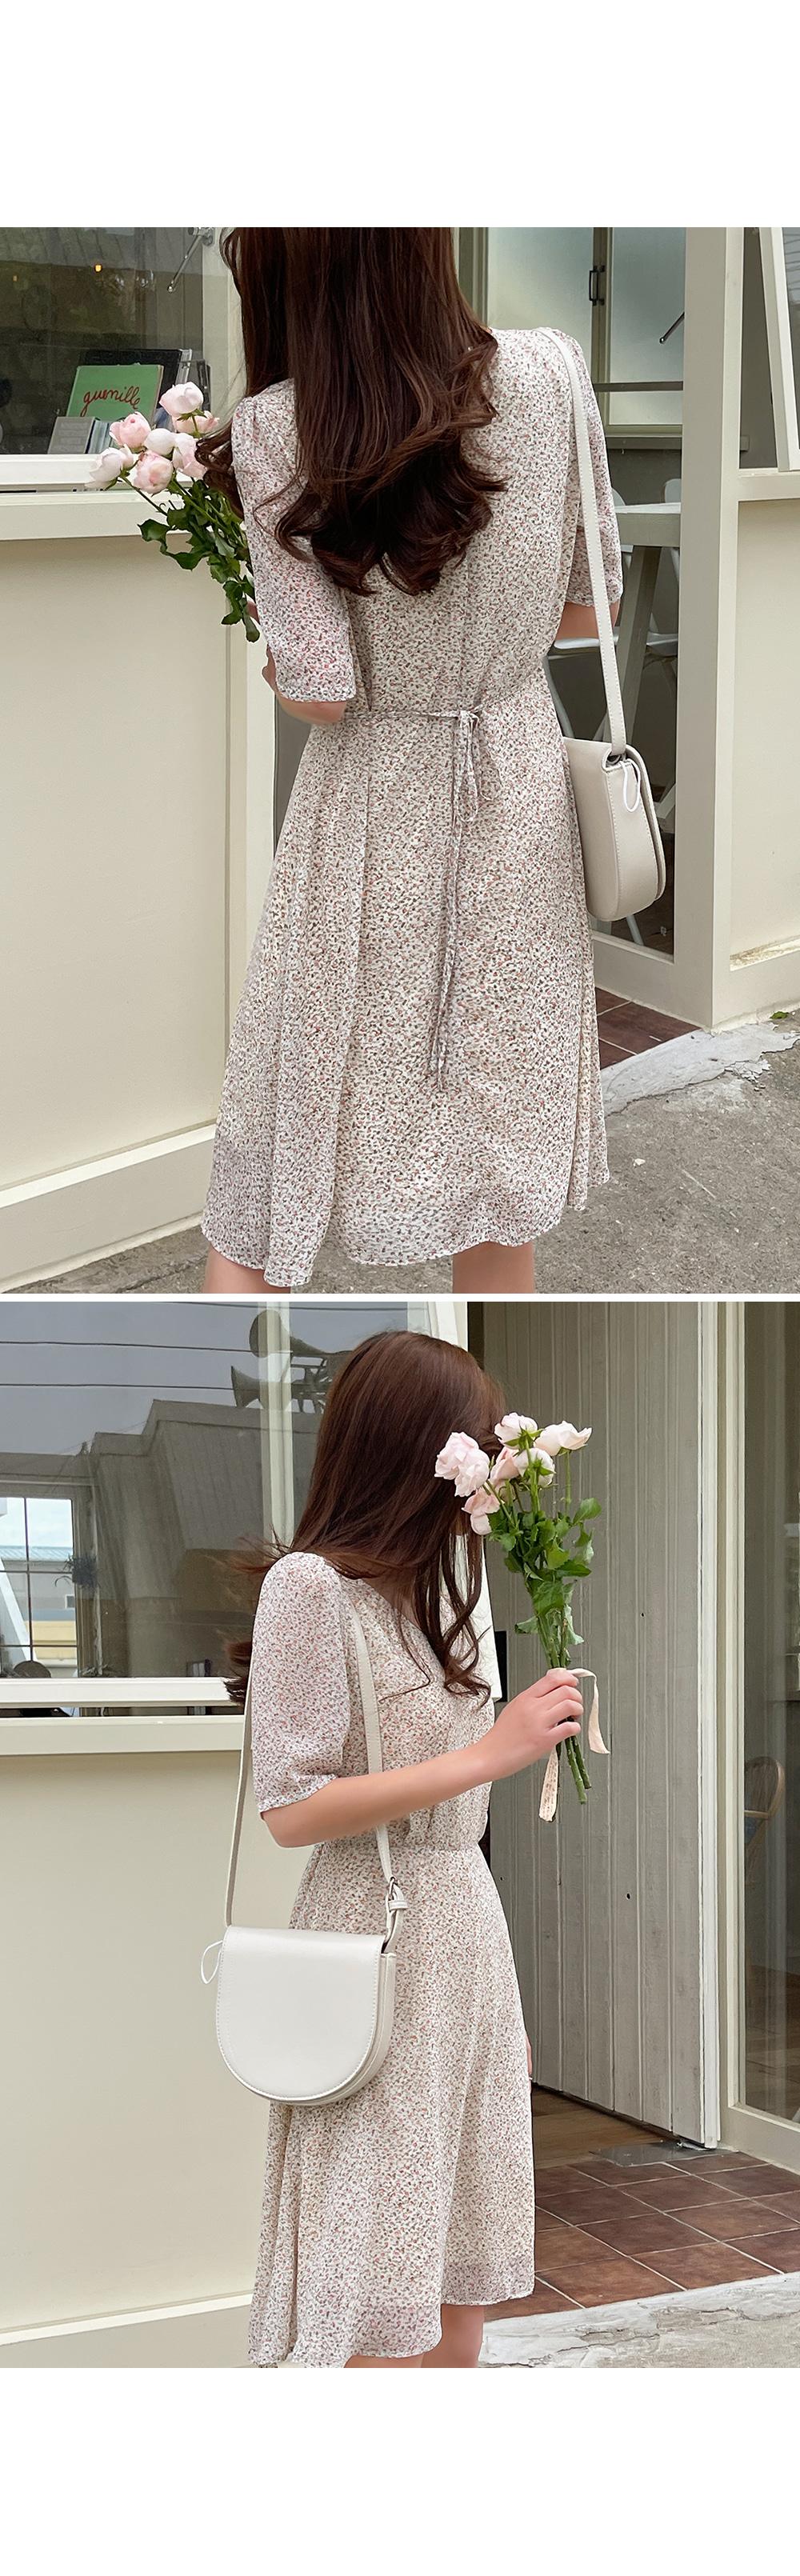 Creamy Ditsy Flower Short Dress-holiholic.com